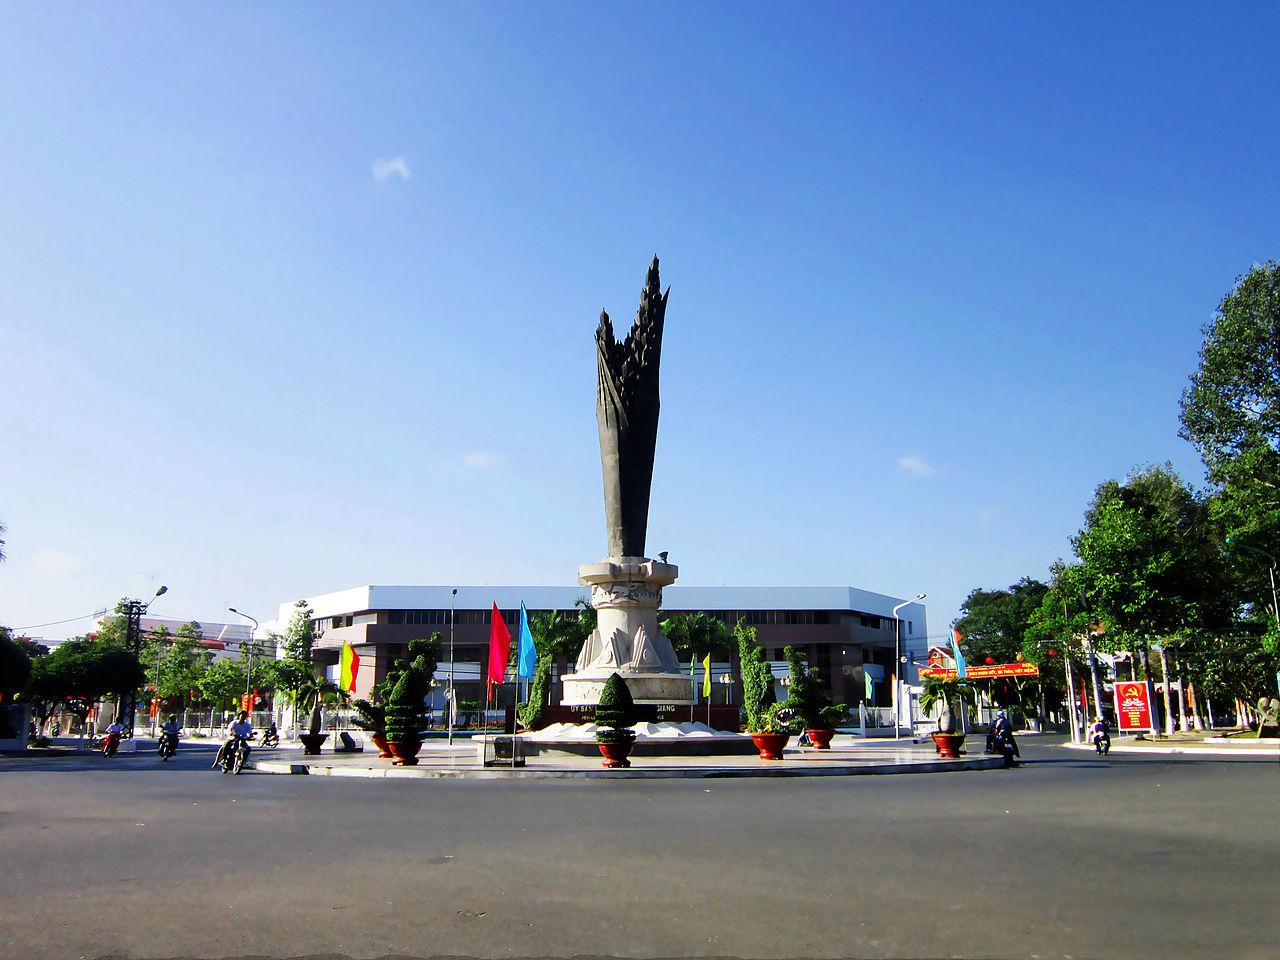 Tượng đài Bông Lúa trước công sở UBND tỉnh An Giang, Việt Nam. Ảnh Wikipedia